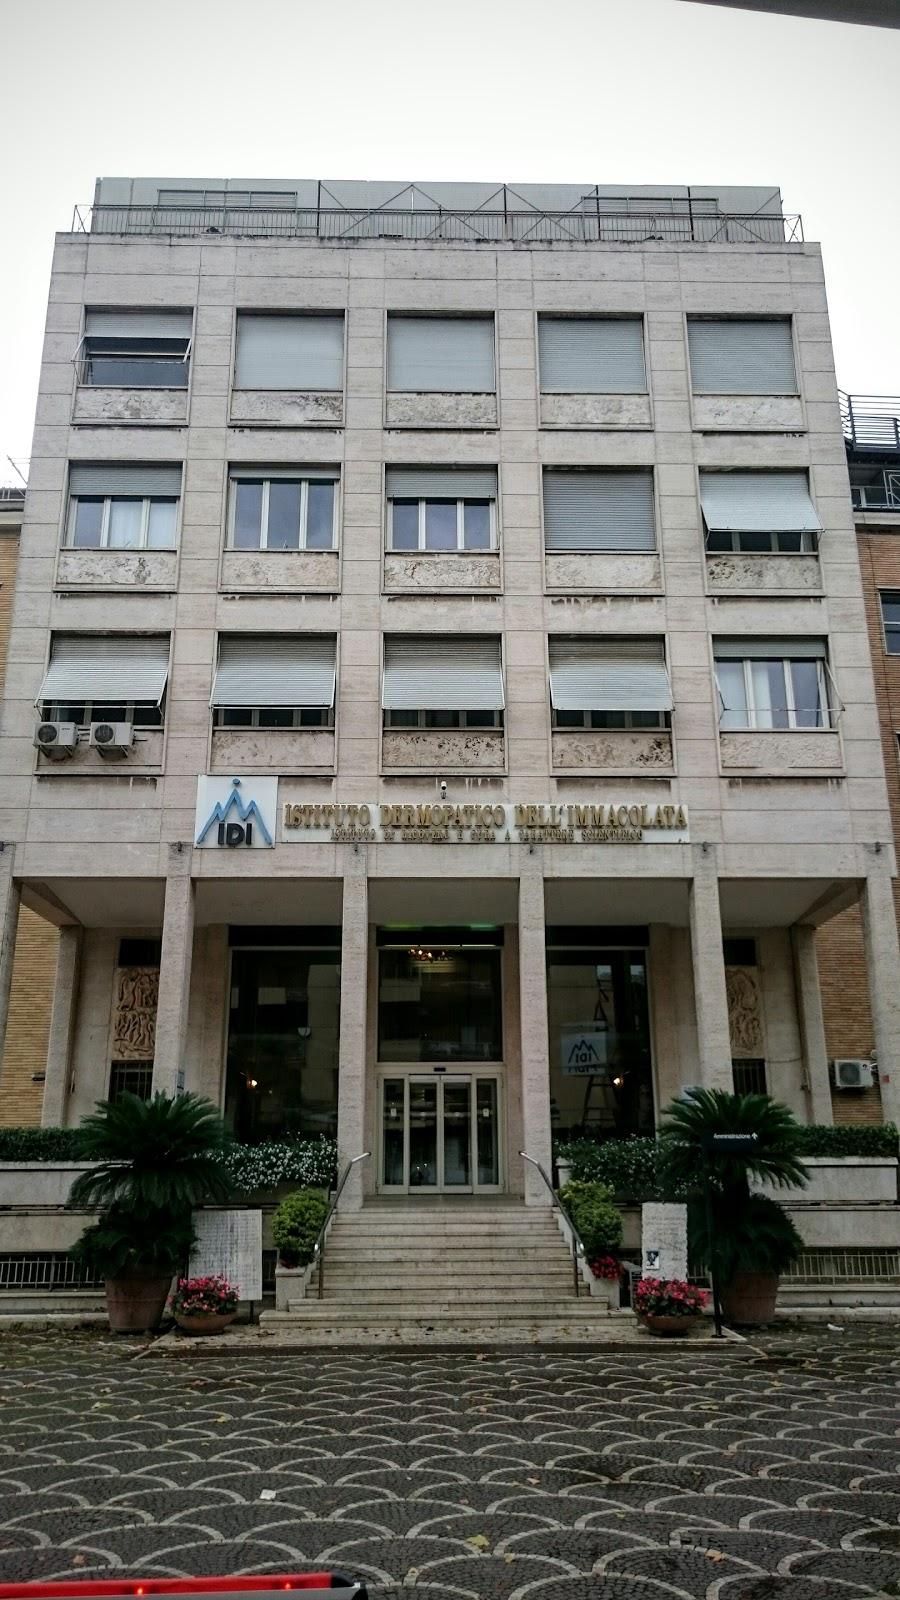 IDI Istituto Dermopatico dell'Immacolata